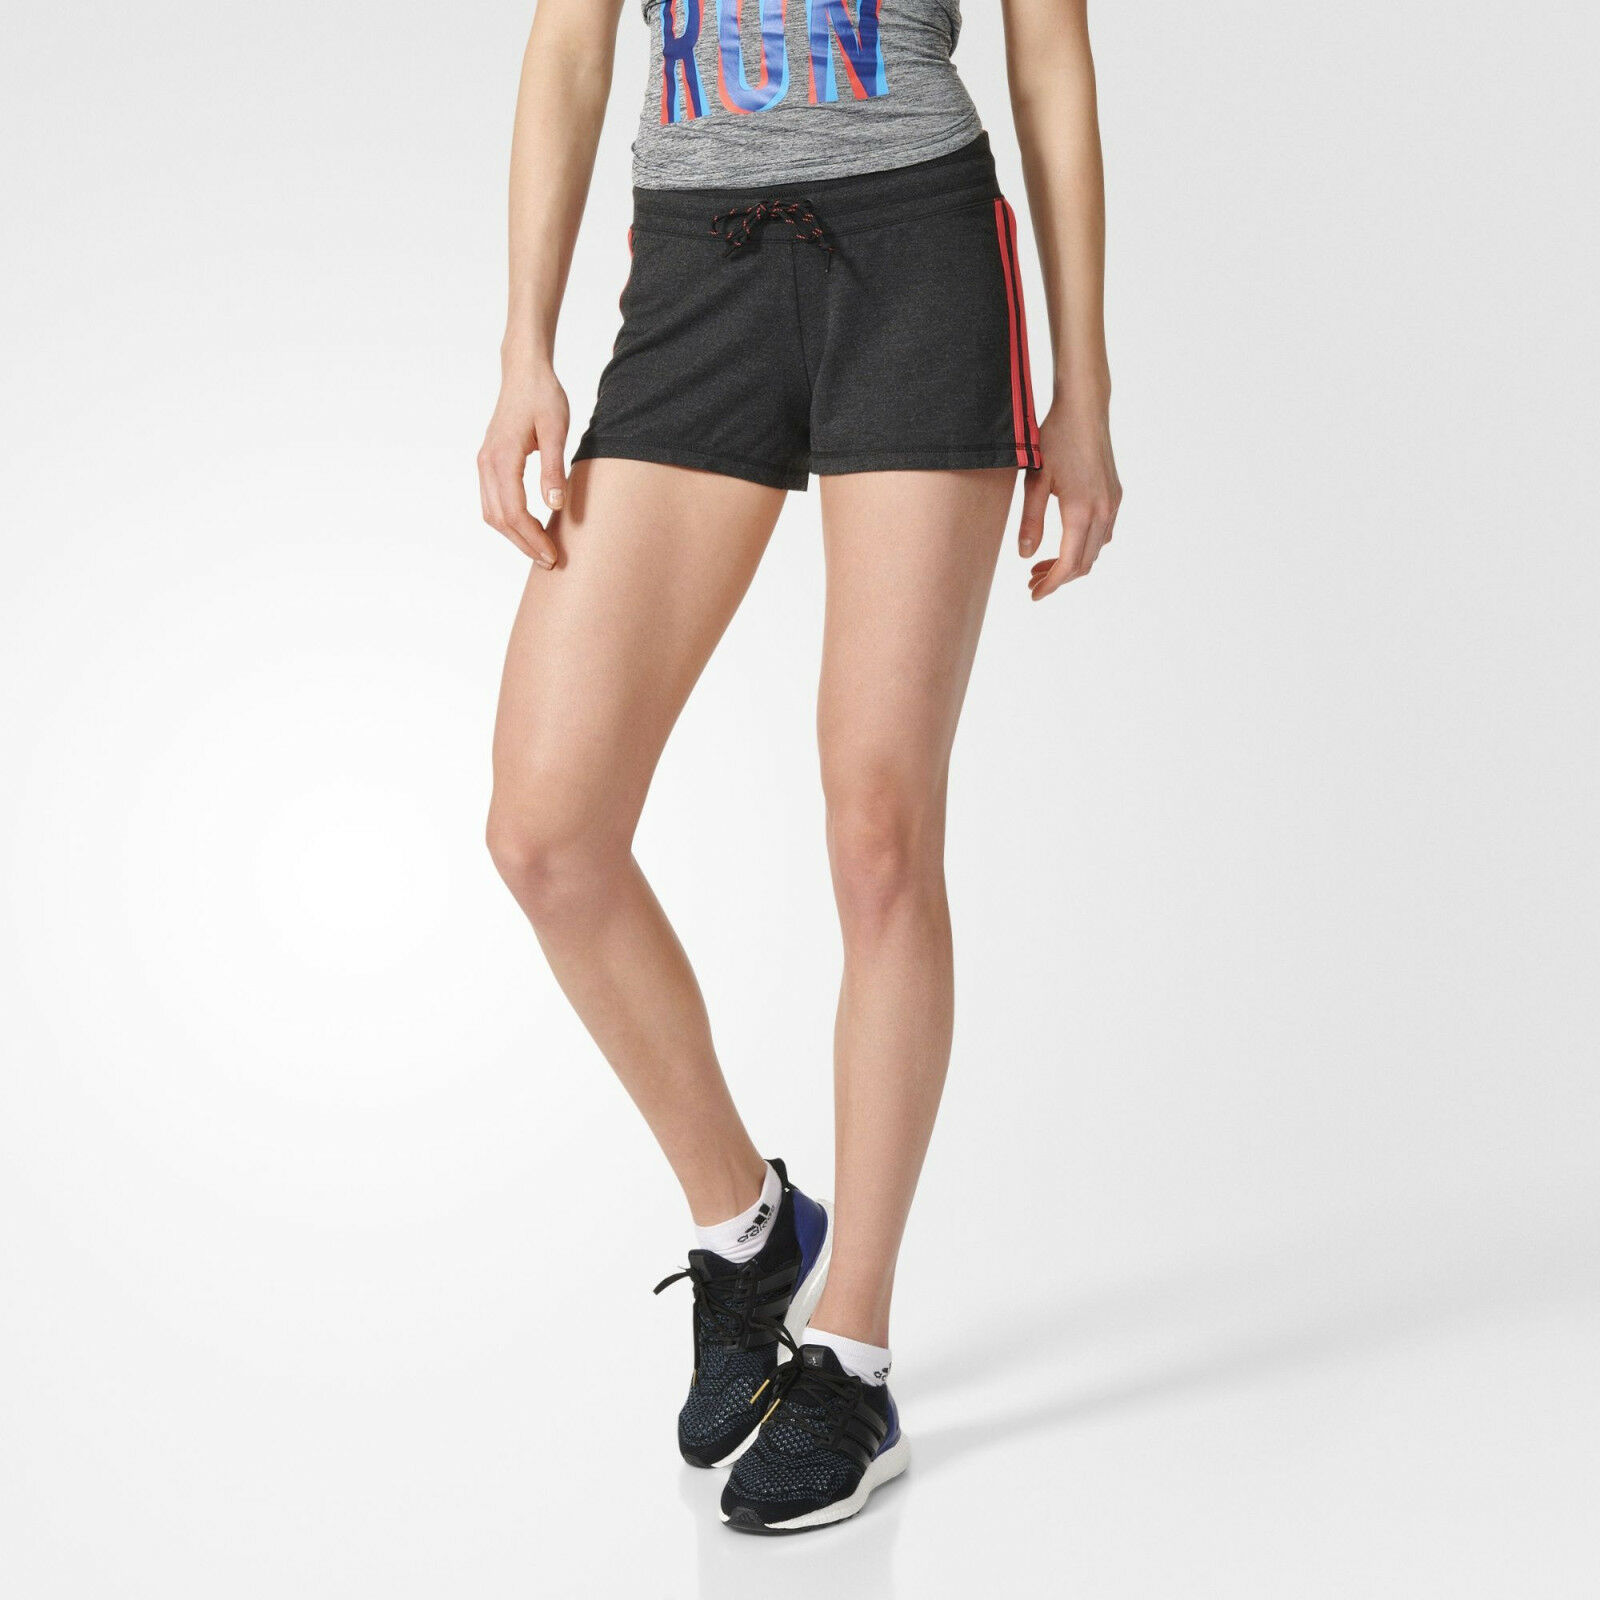 ÚJ AY4796 ADIDAS Essential 3 Stripe női futóhímzés GENUINE UK L-XL